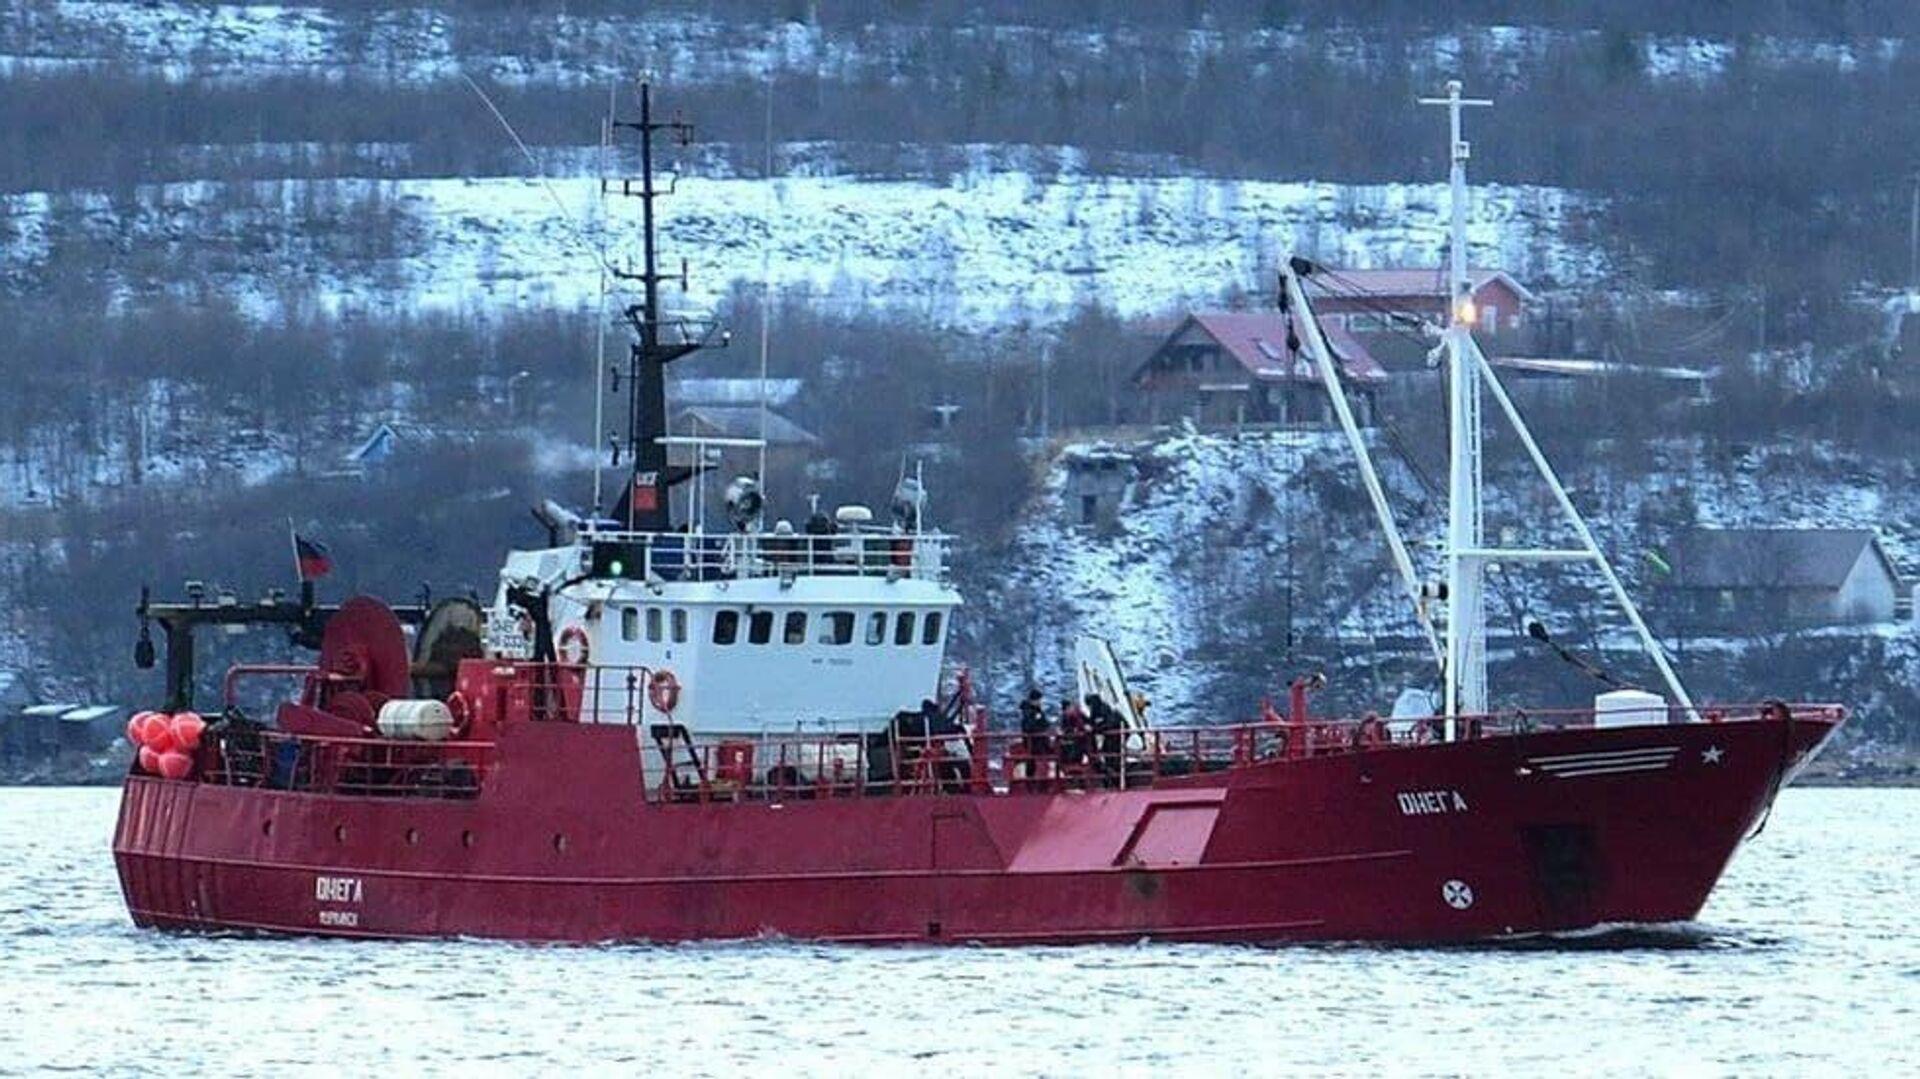 Стали известны подробности ЧП с рыболовным судном в Баренцевом море